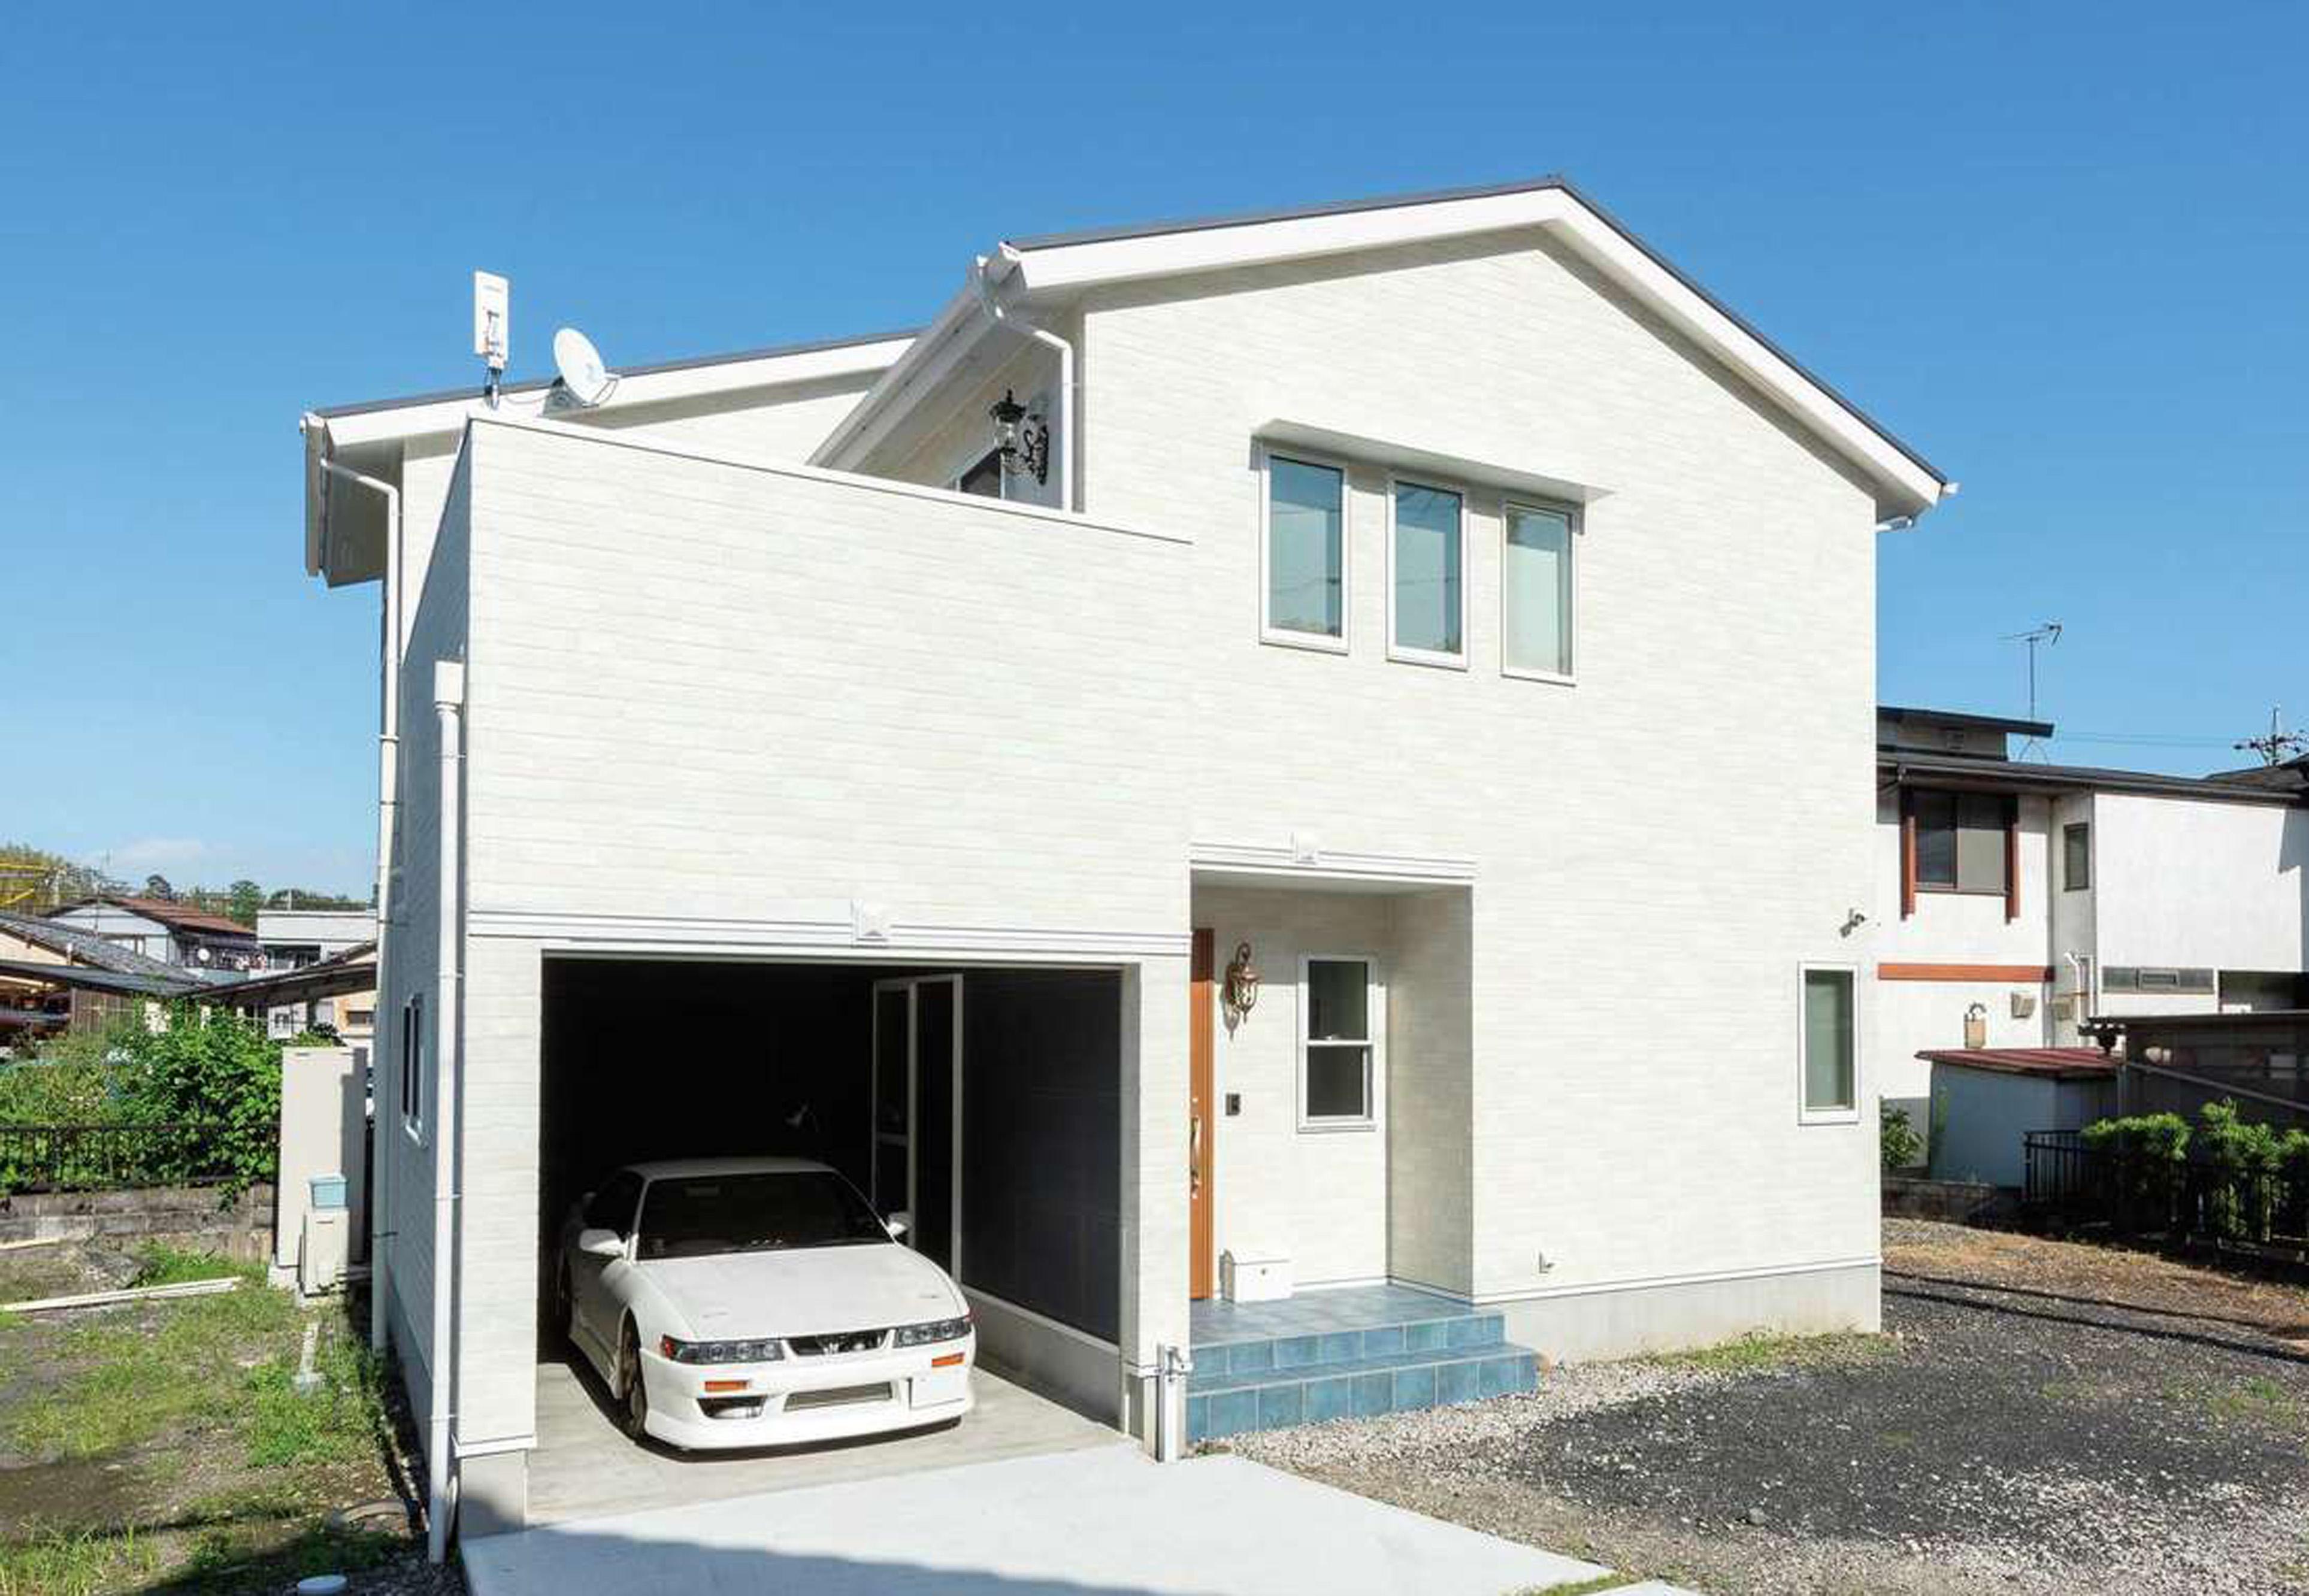 F.Bird HOUSE(袴田工務店)【輸入住宅、間取り、ガレージ】ご主人の愛車が息をひそめるインナーガレージ。もちろん室内と直結